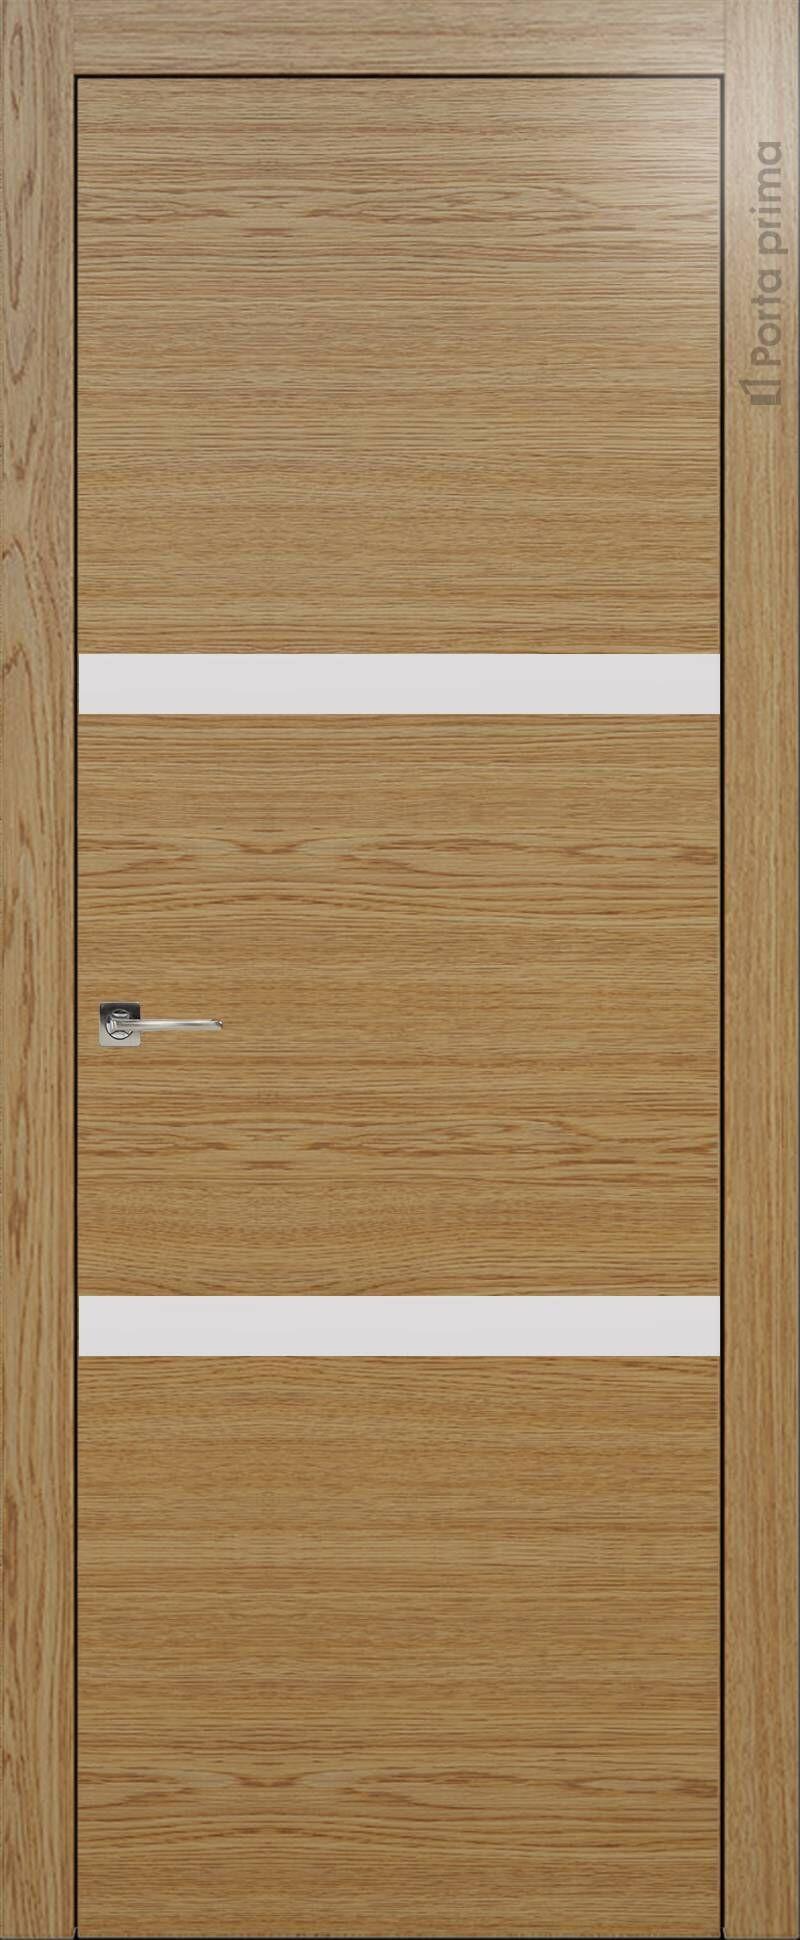 Tivoli В-4 цвет - Дуб карамель Без стекла (ДГ)